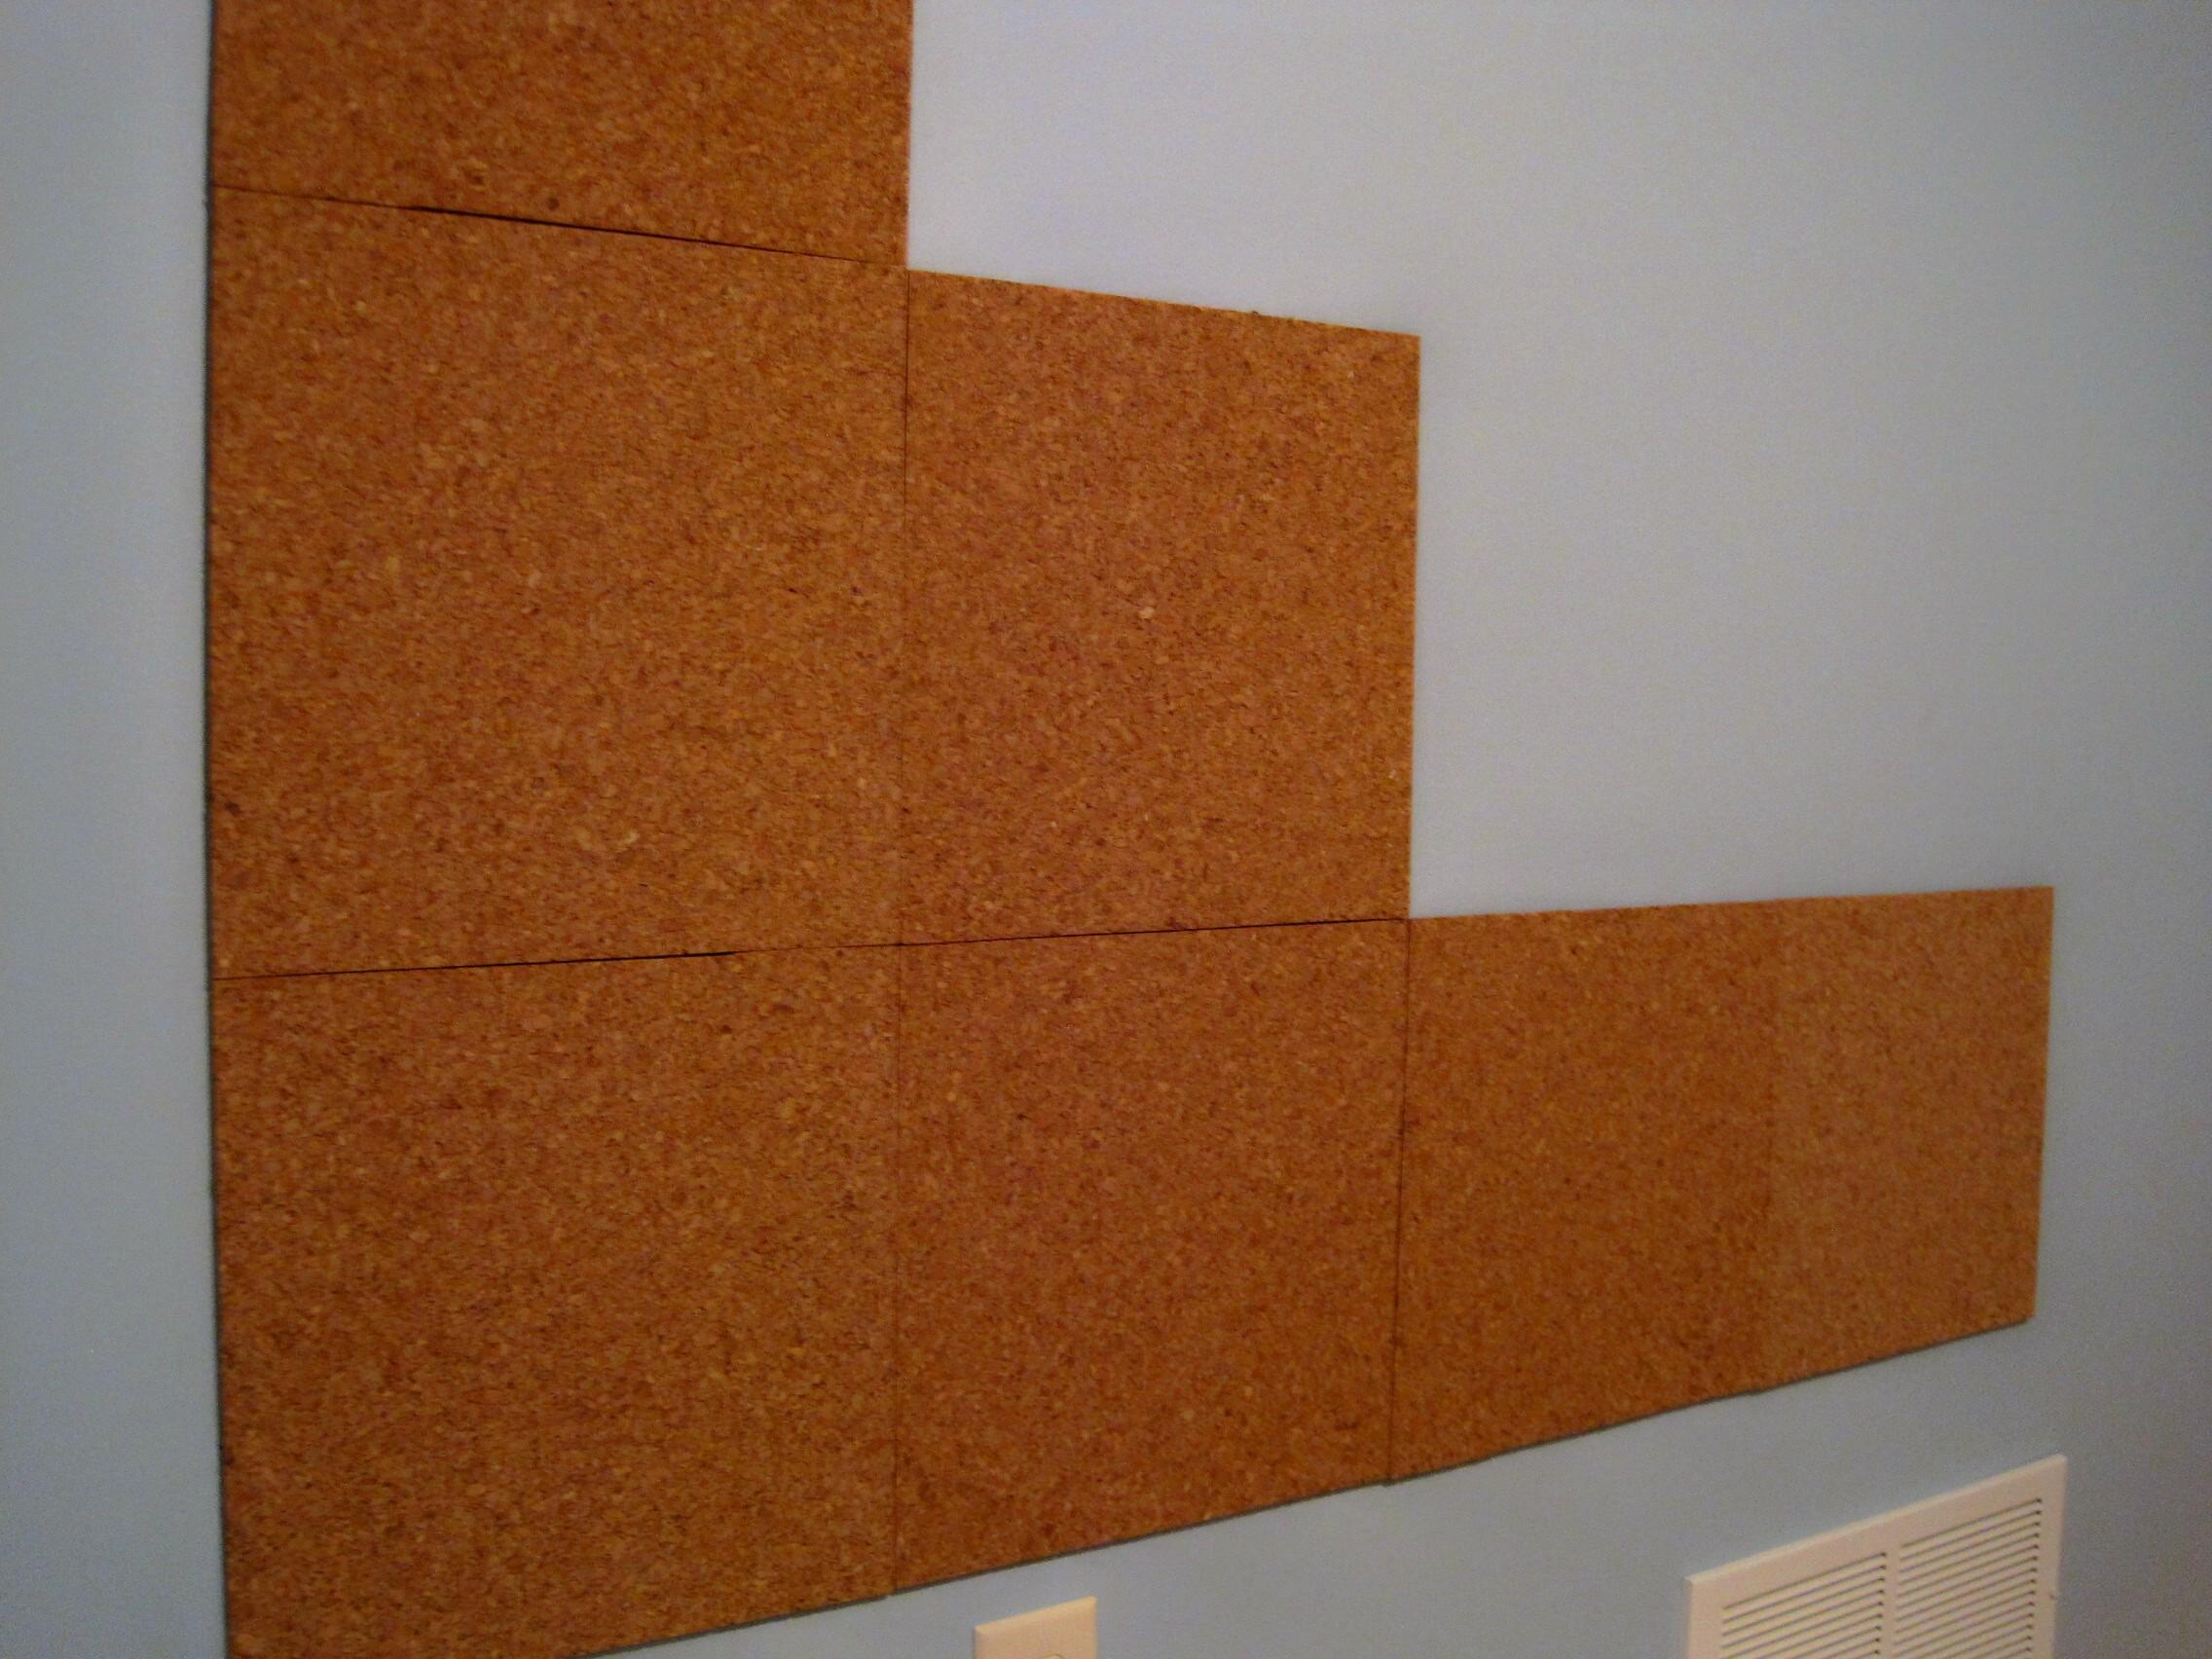 Пробковый утеплитель (теплоизоляция): для пола, для стен